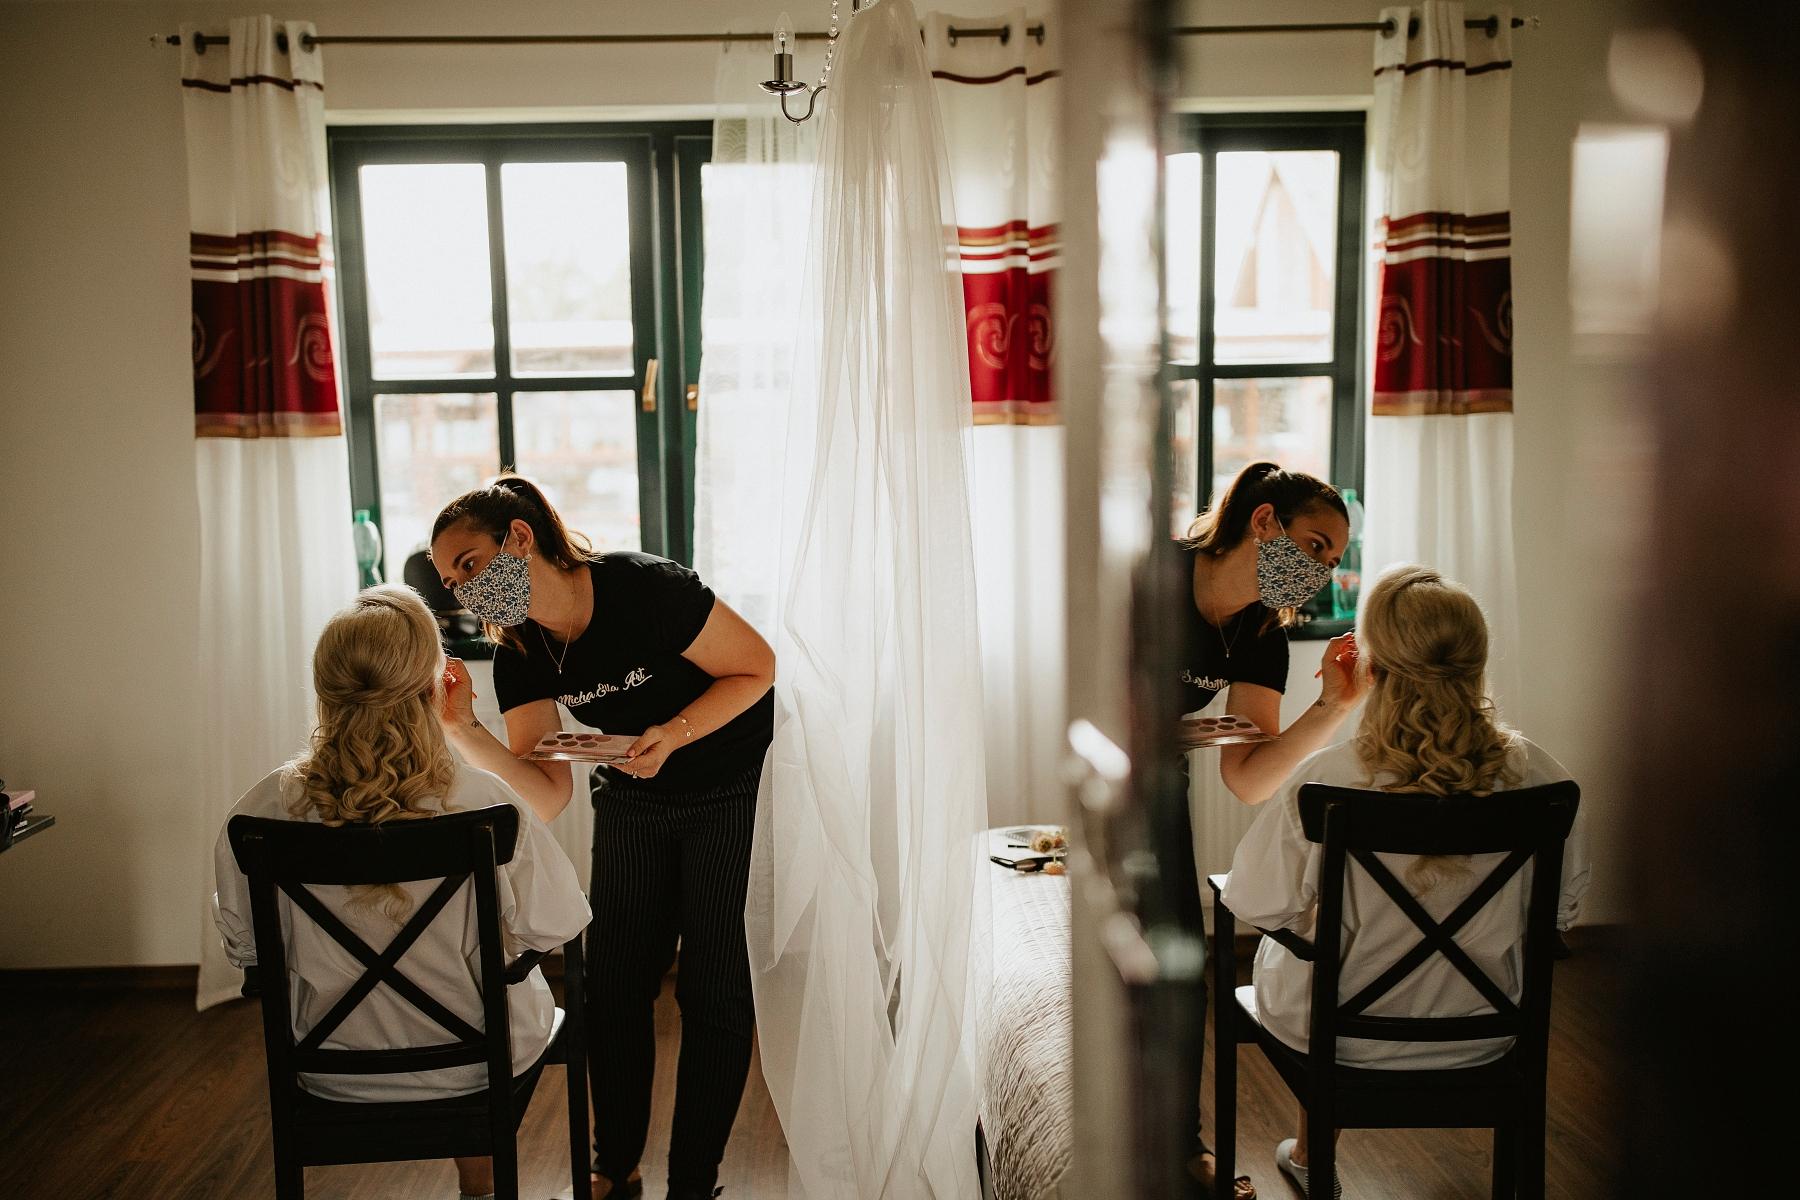 fotograf Ľuboš Krahulec, svadobny fotograf, fotograf prešov, fotograf vychod, svadobny fotograf kosice, fotograf orava, svadobne fotografie, fotograf bardejov, fotky na oznamka, stuzkova, fotograf na stuzkovu, fotenie svadby, svadobny fotograf presov, svadobná fotografia, svadobne fotografie presov, svadobný fotograf spišská nová ves, fotograf východné slovensko,